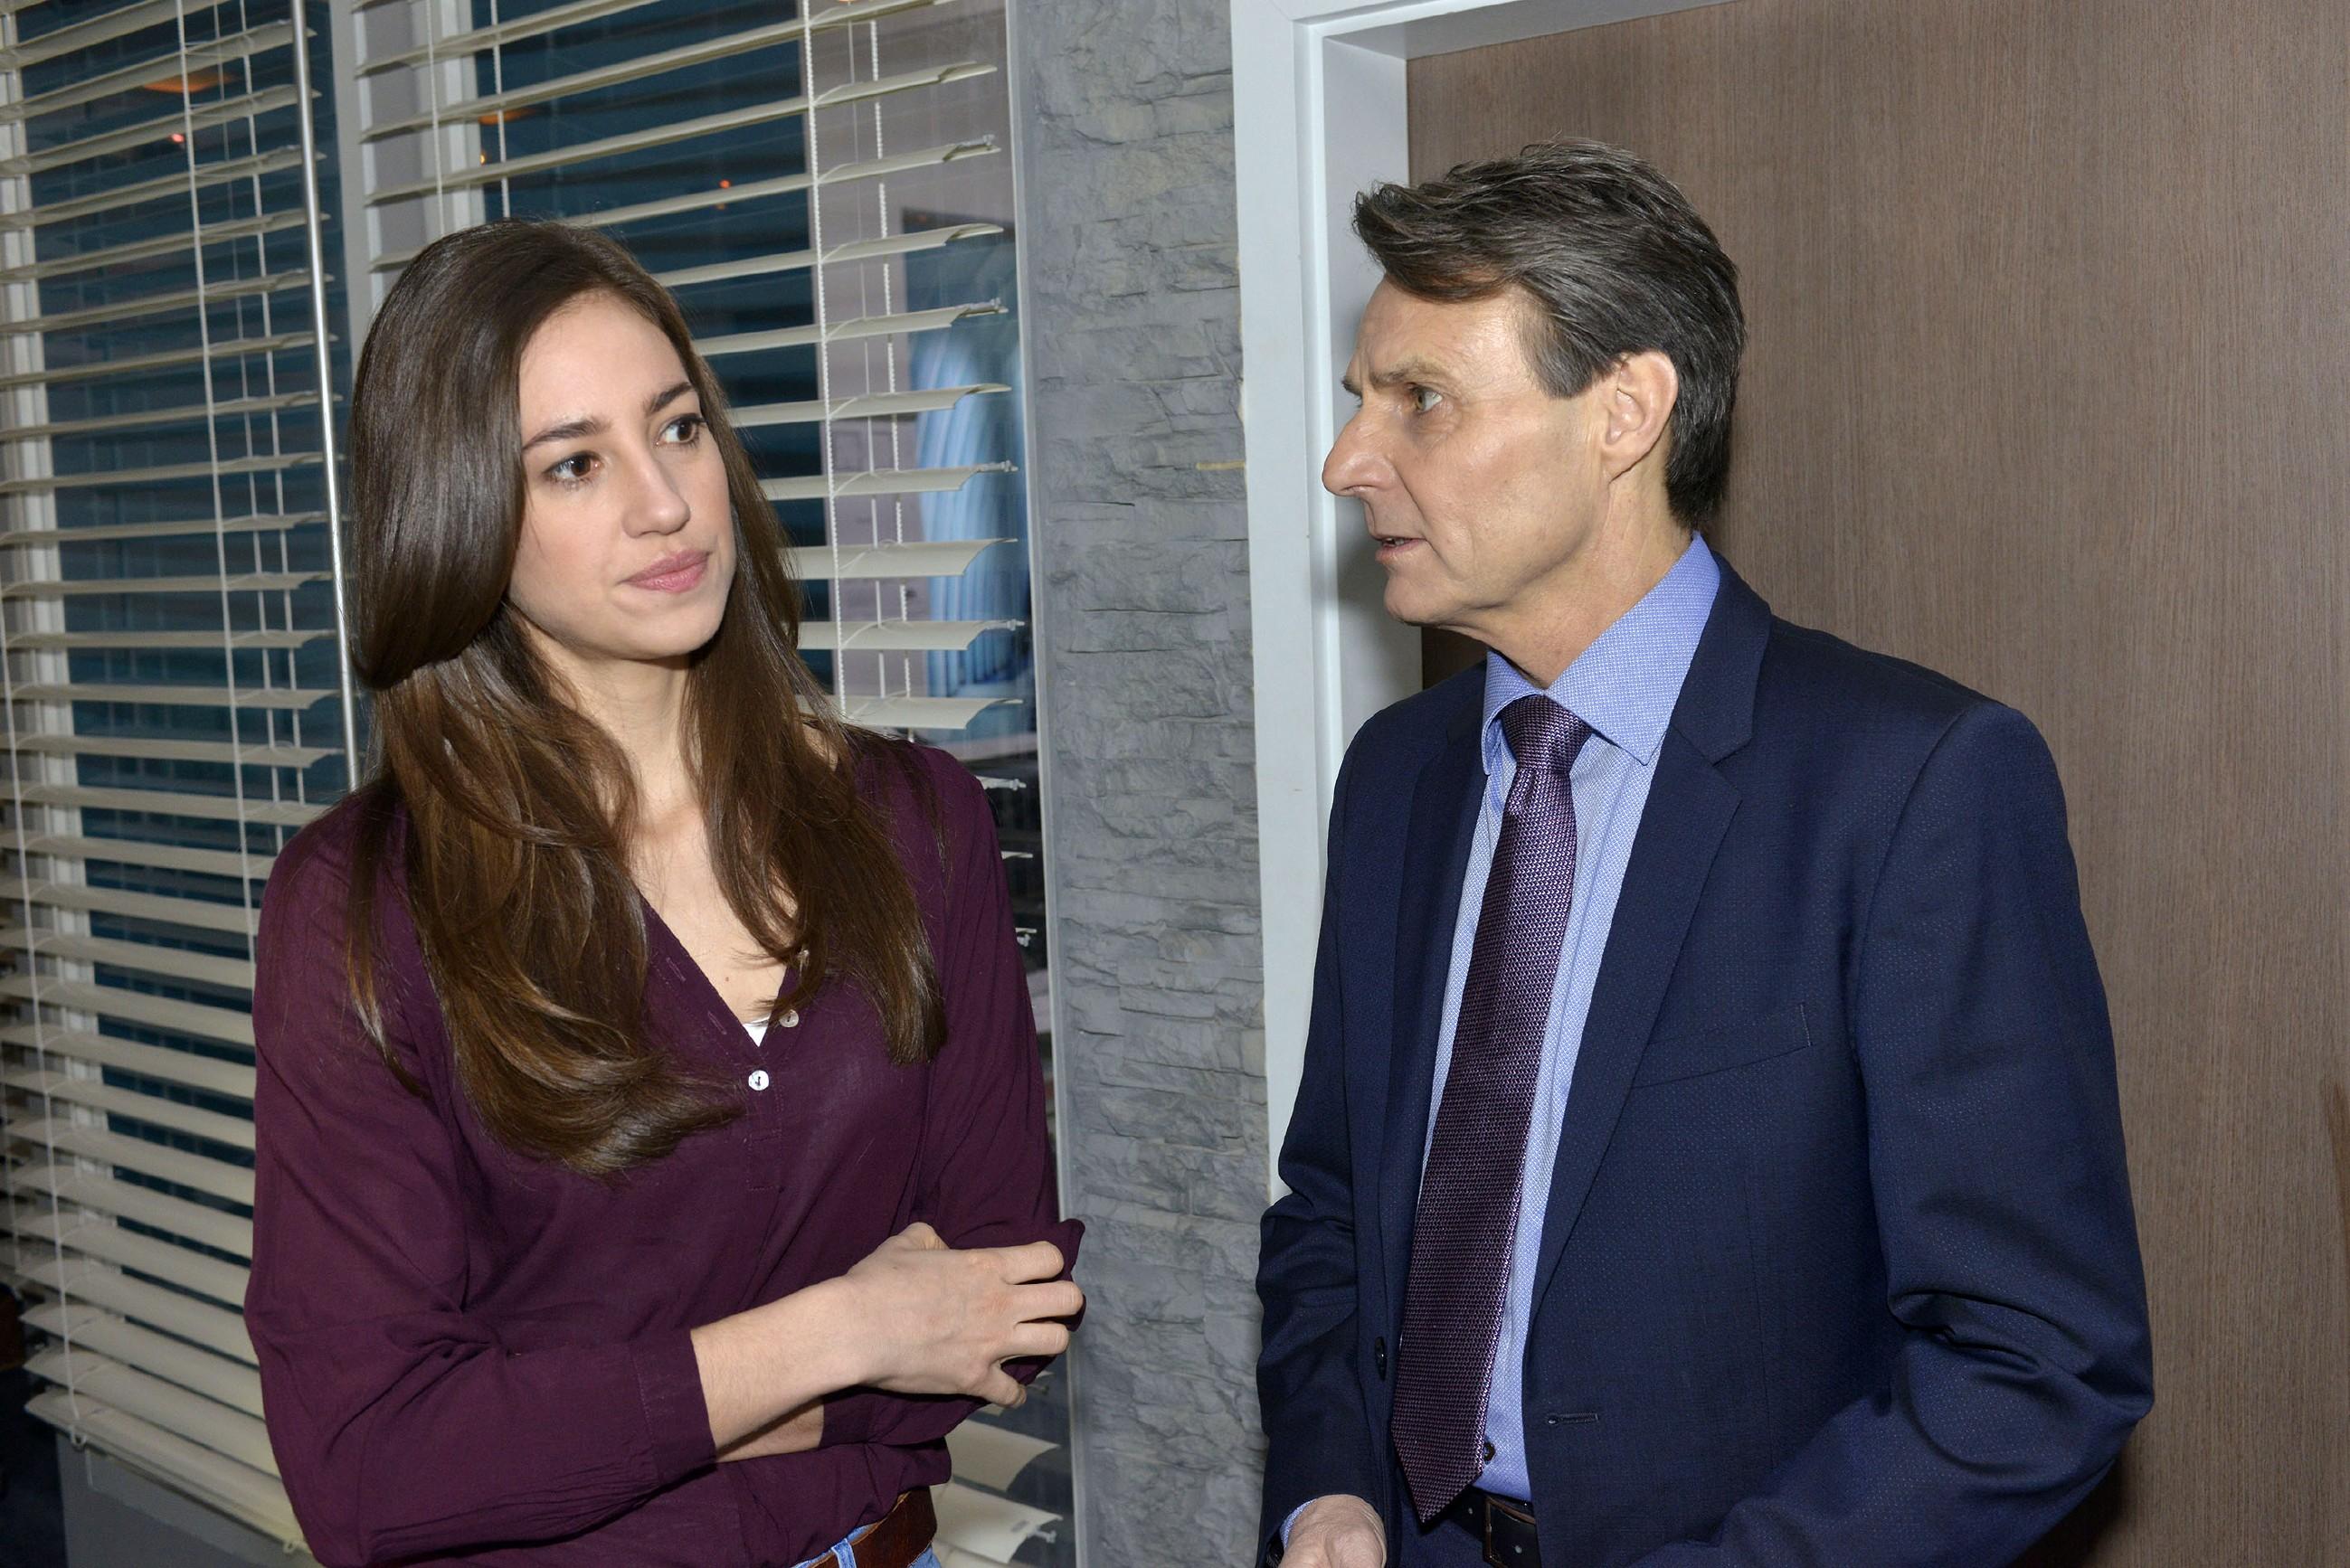 Nachdem seine Tochter unbewusst Gerners (Wolfgang Bahro) Zweifel an der Unmöglichkeit einer Beziehung mit Elena (Elena Garcia Gerlach) geschürt hat, geht er auf Abstand und bittet sie auszuziehen... (Quelle: RTL / Rolf Baumgartner)